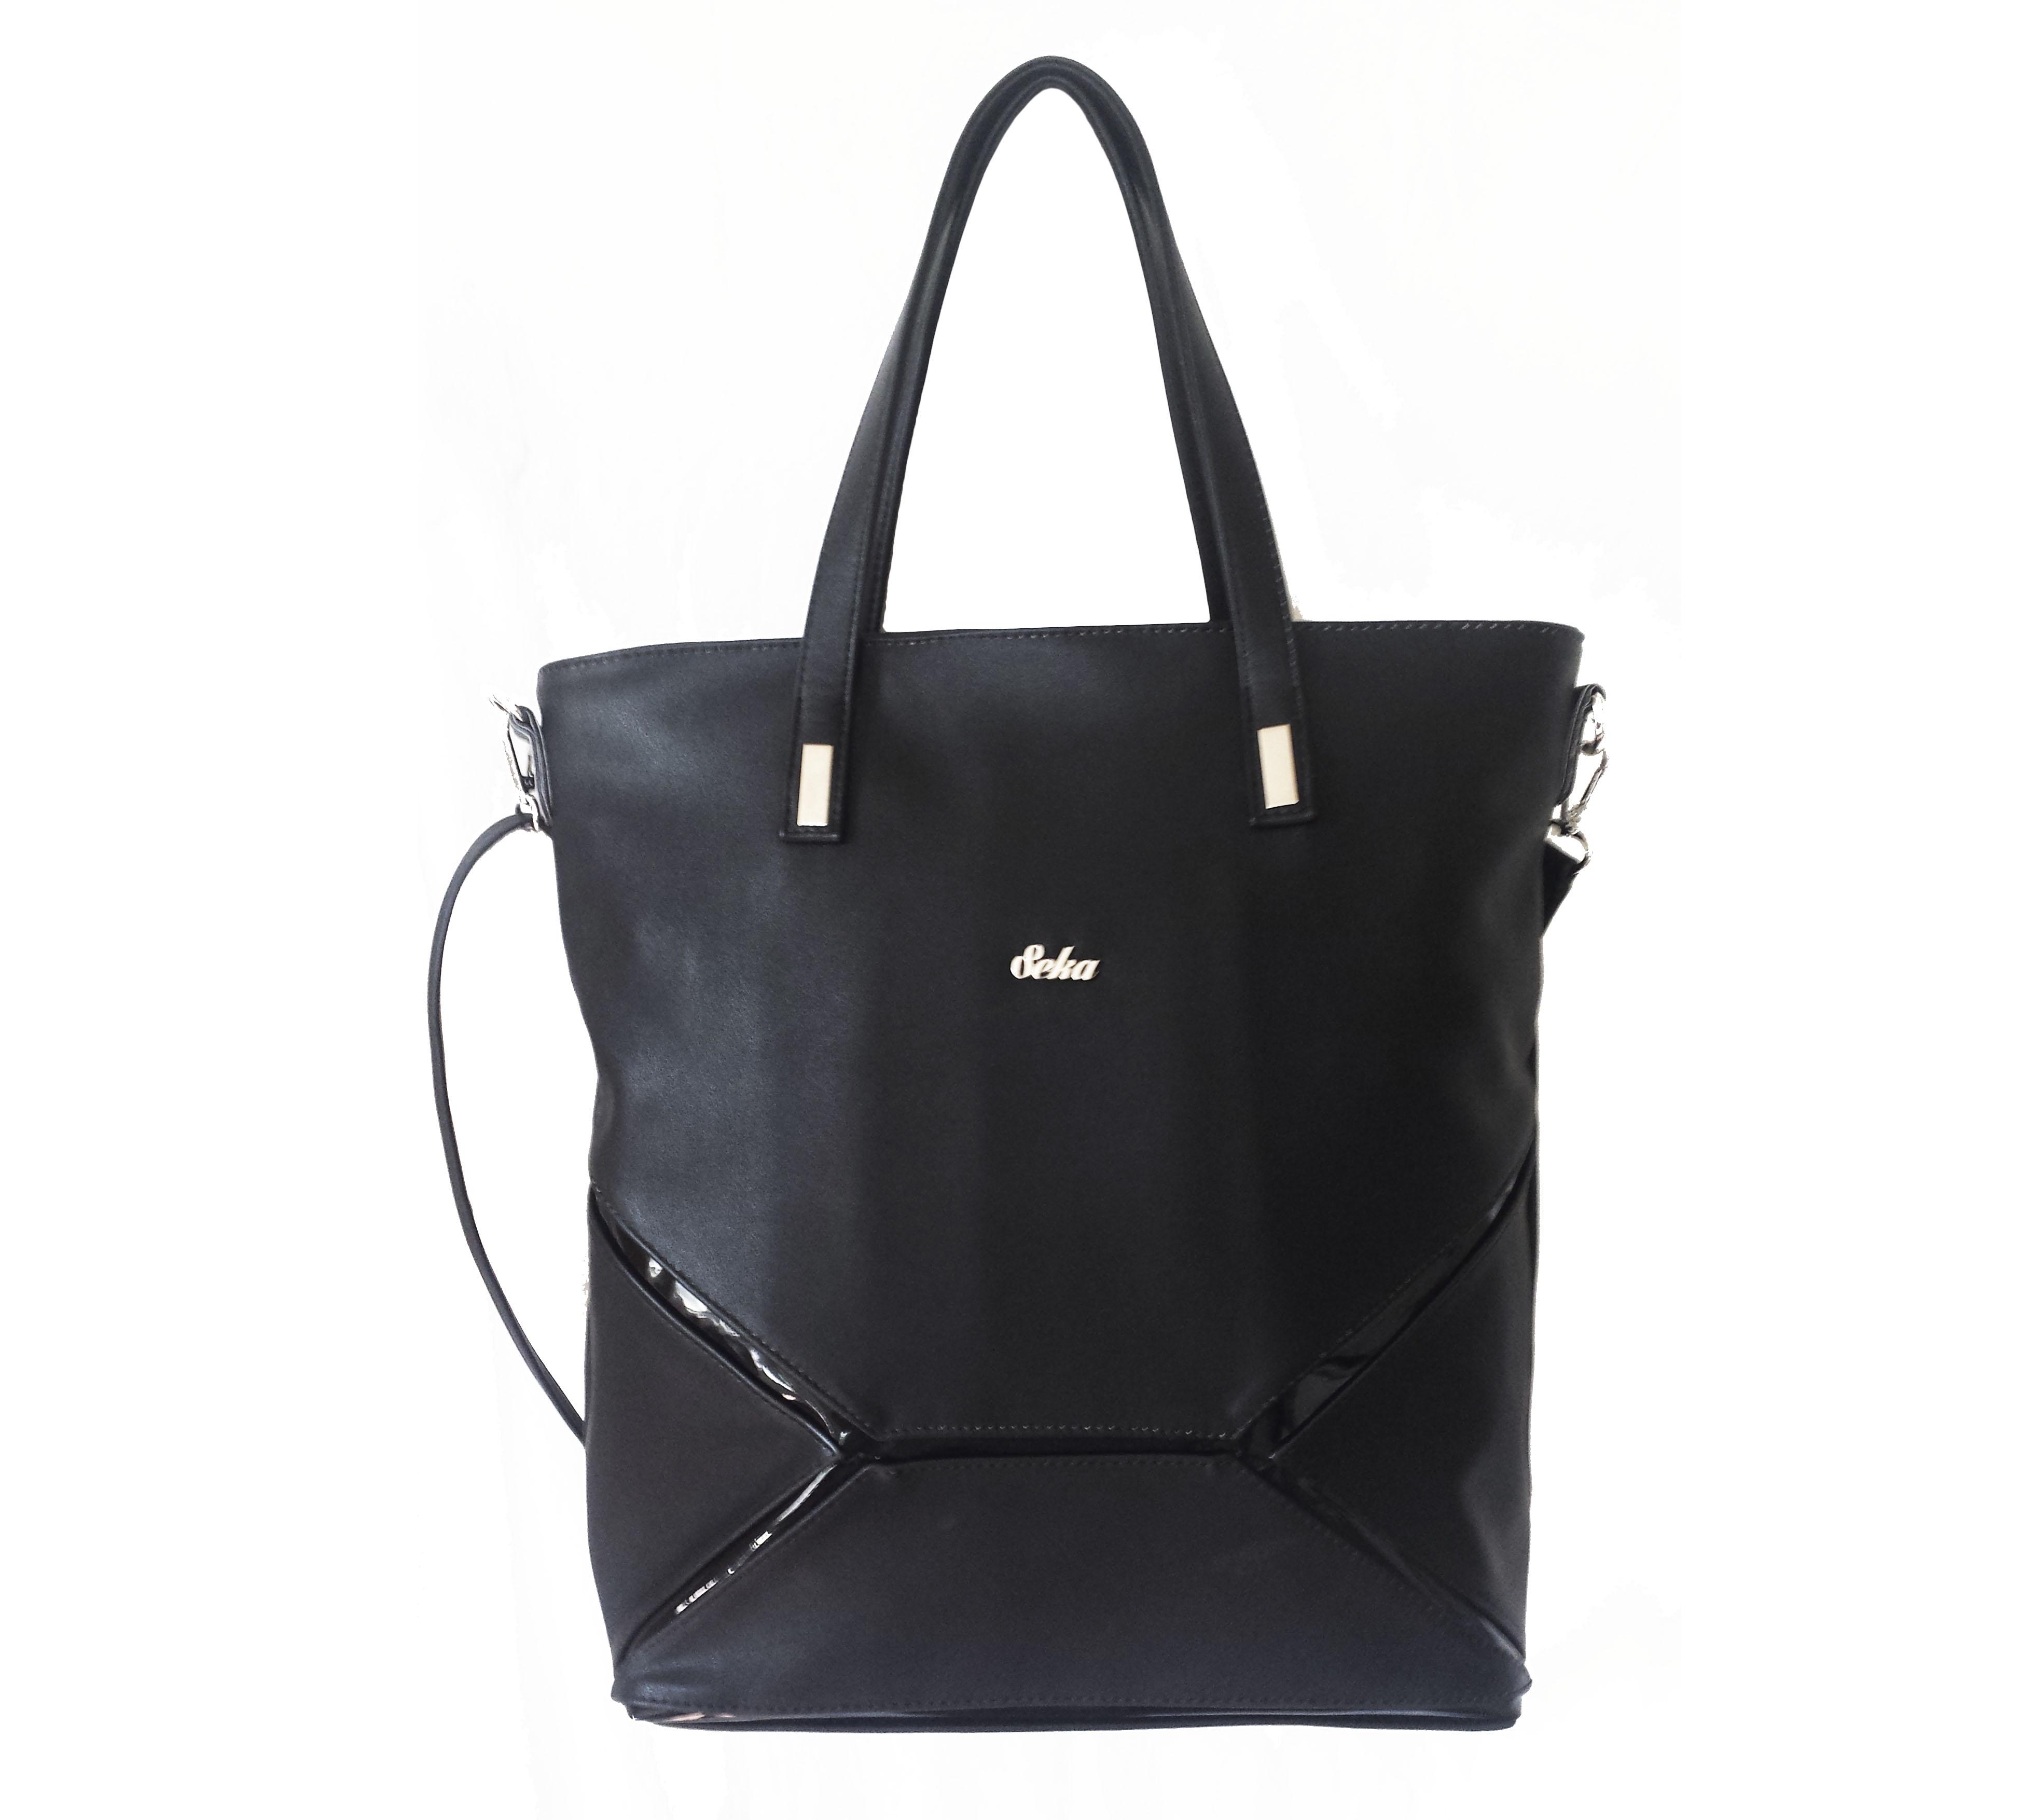 342dcecfa043 Elegantní velká kabelka černá značky Seka